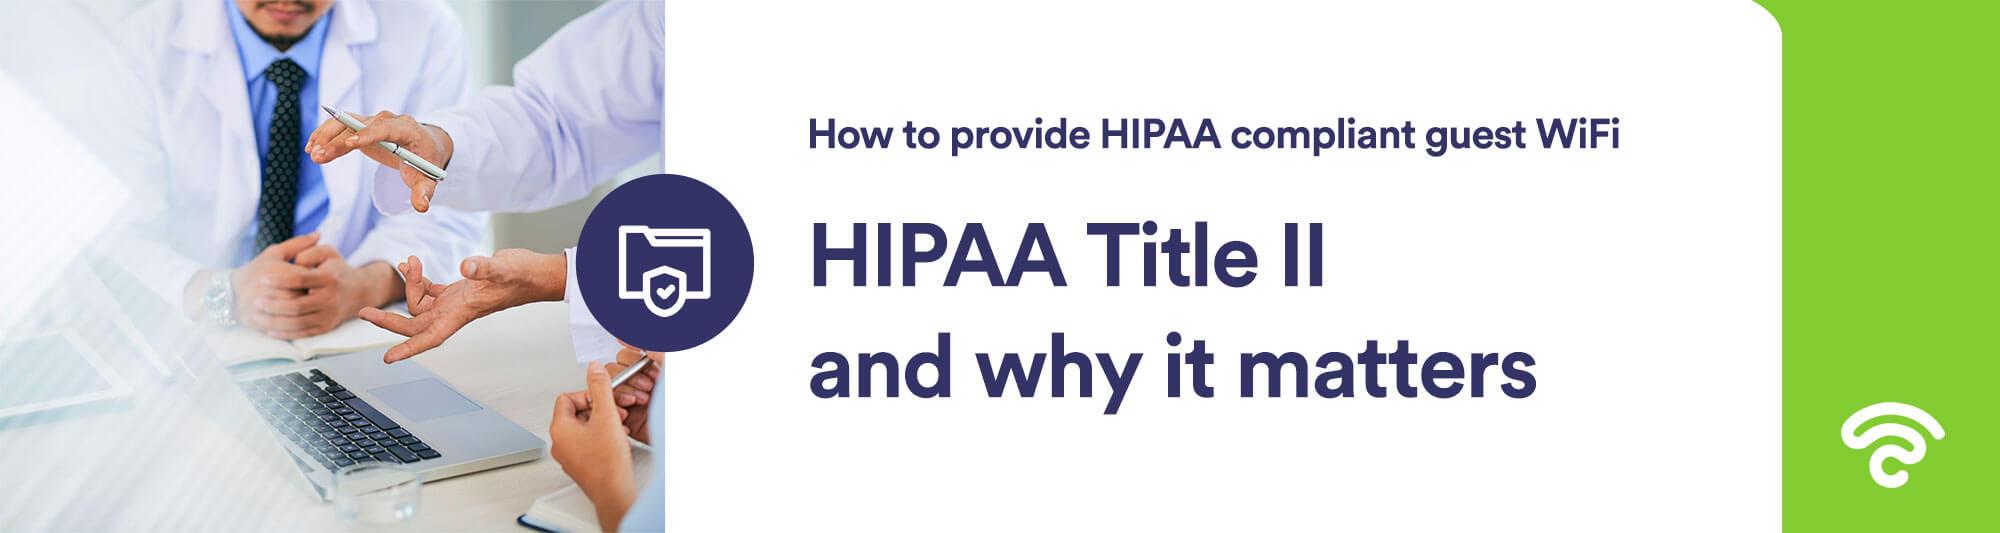 HIPAA Title II